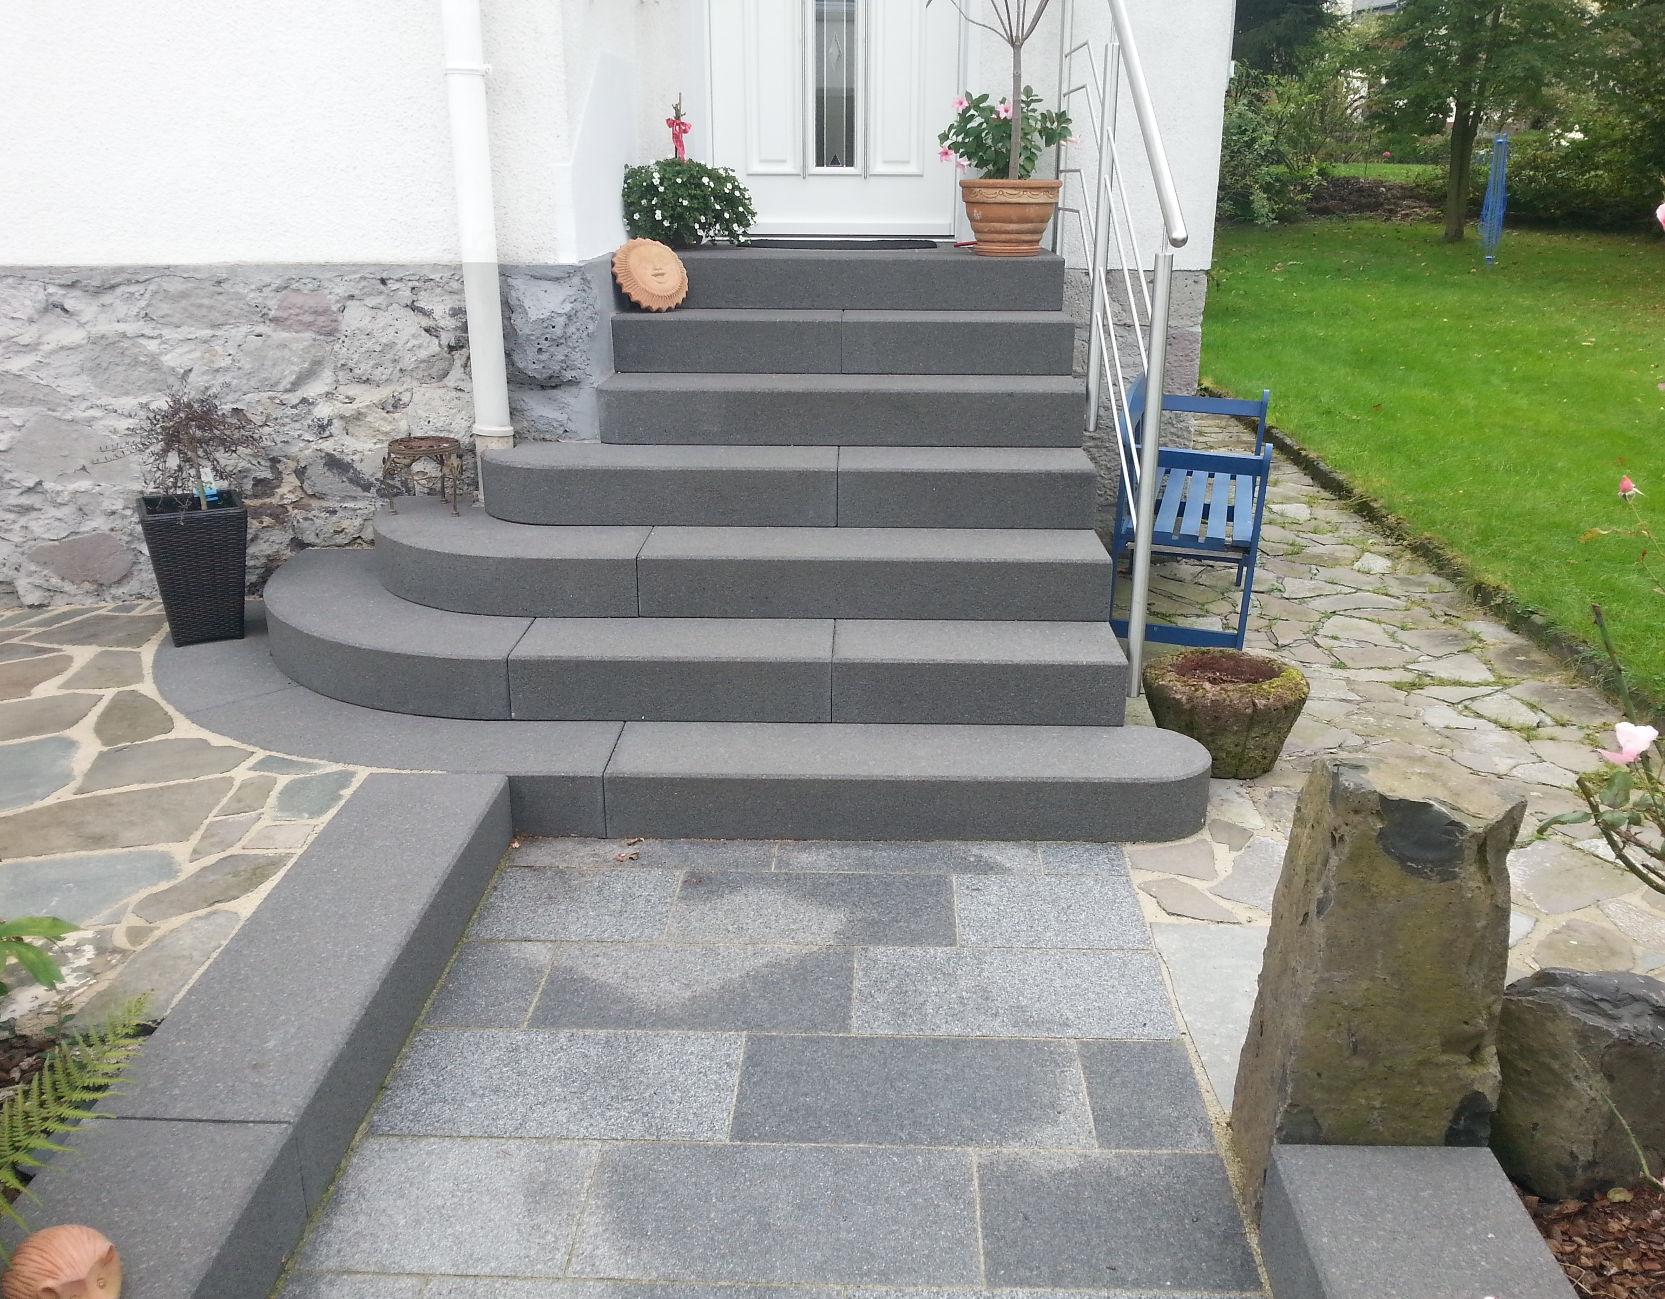 Modere Treppenanlage mit grauen Radialblockstufen